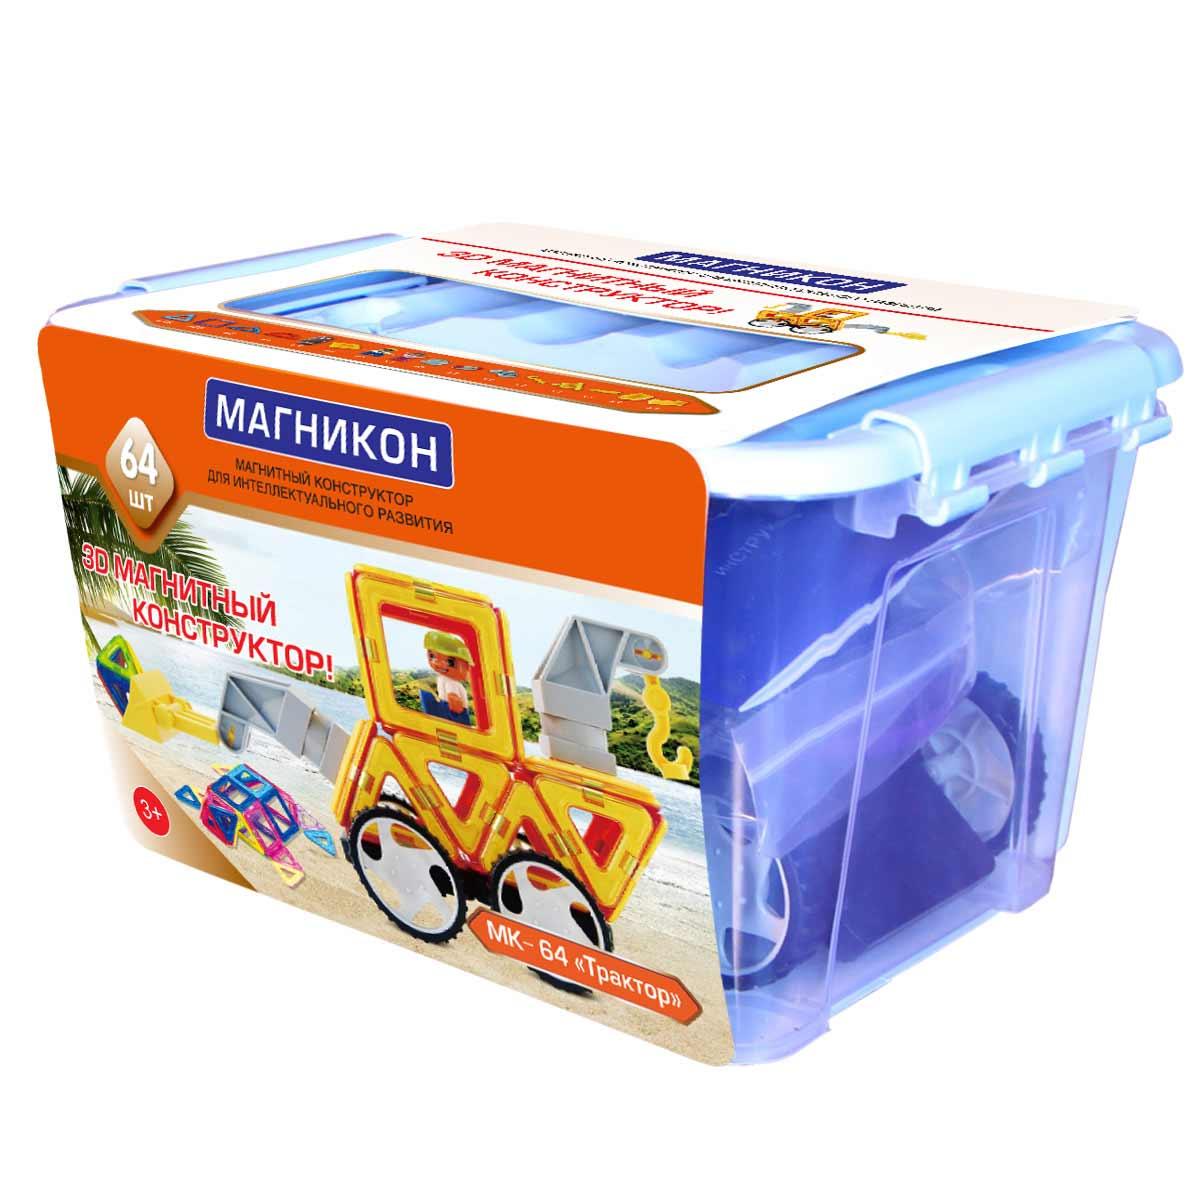 Конструктор Магникон, 64 элемента - Конструкторы других производителей, артикул: 166098